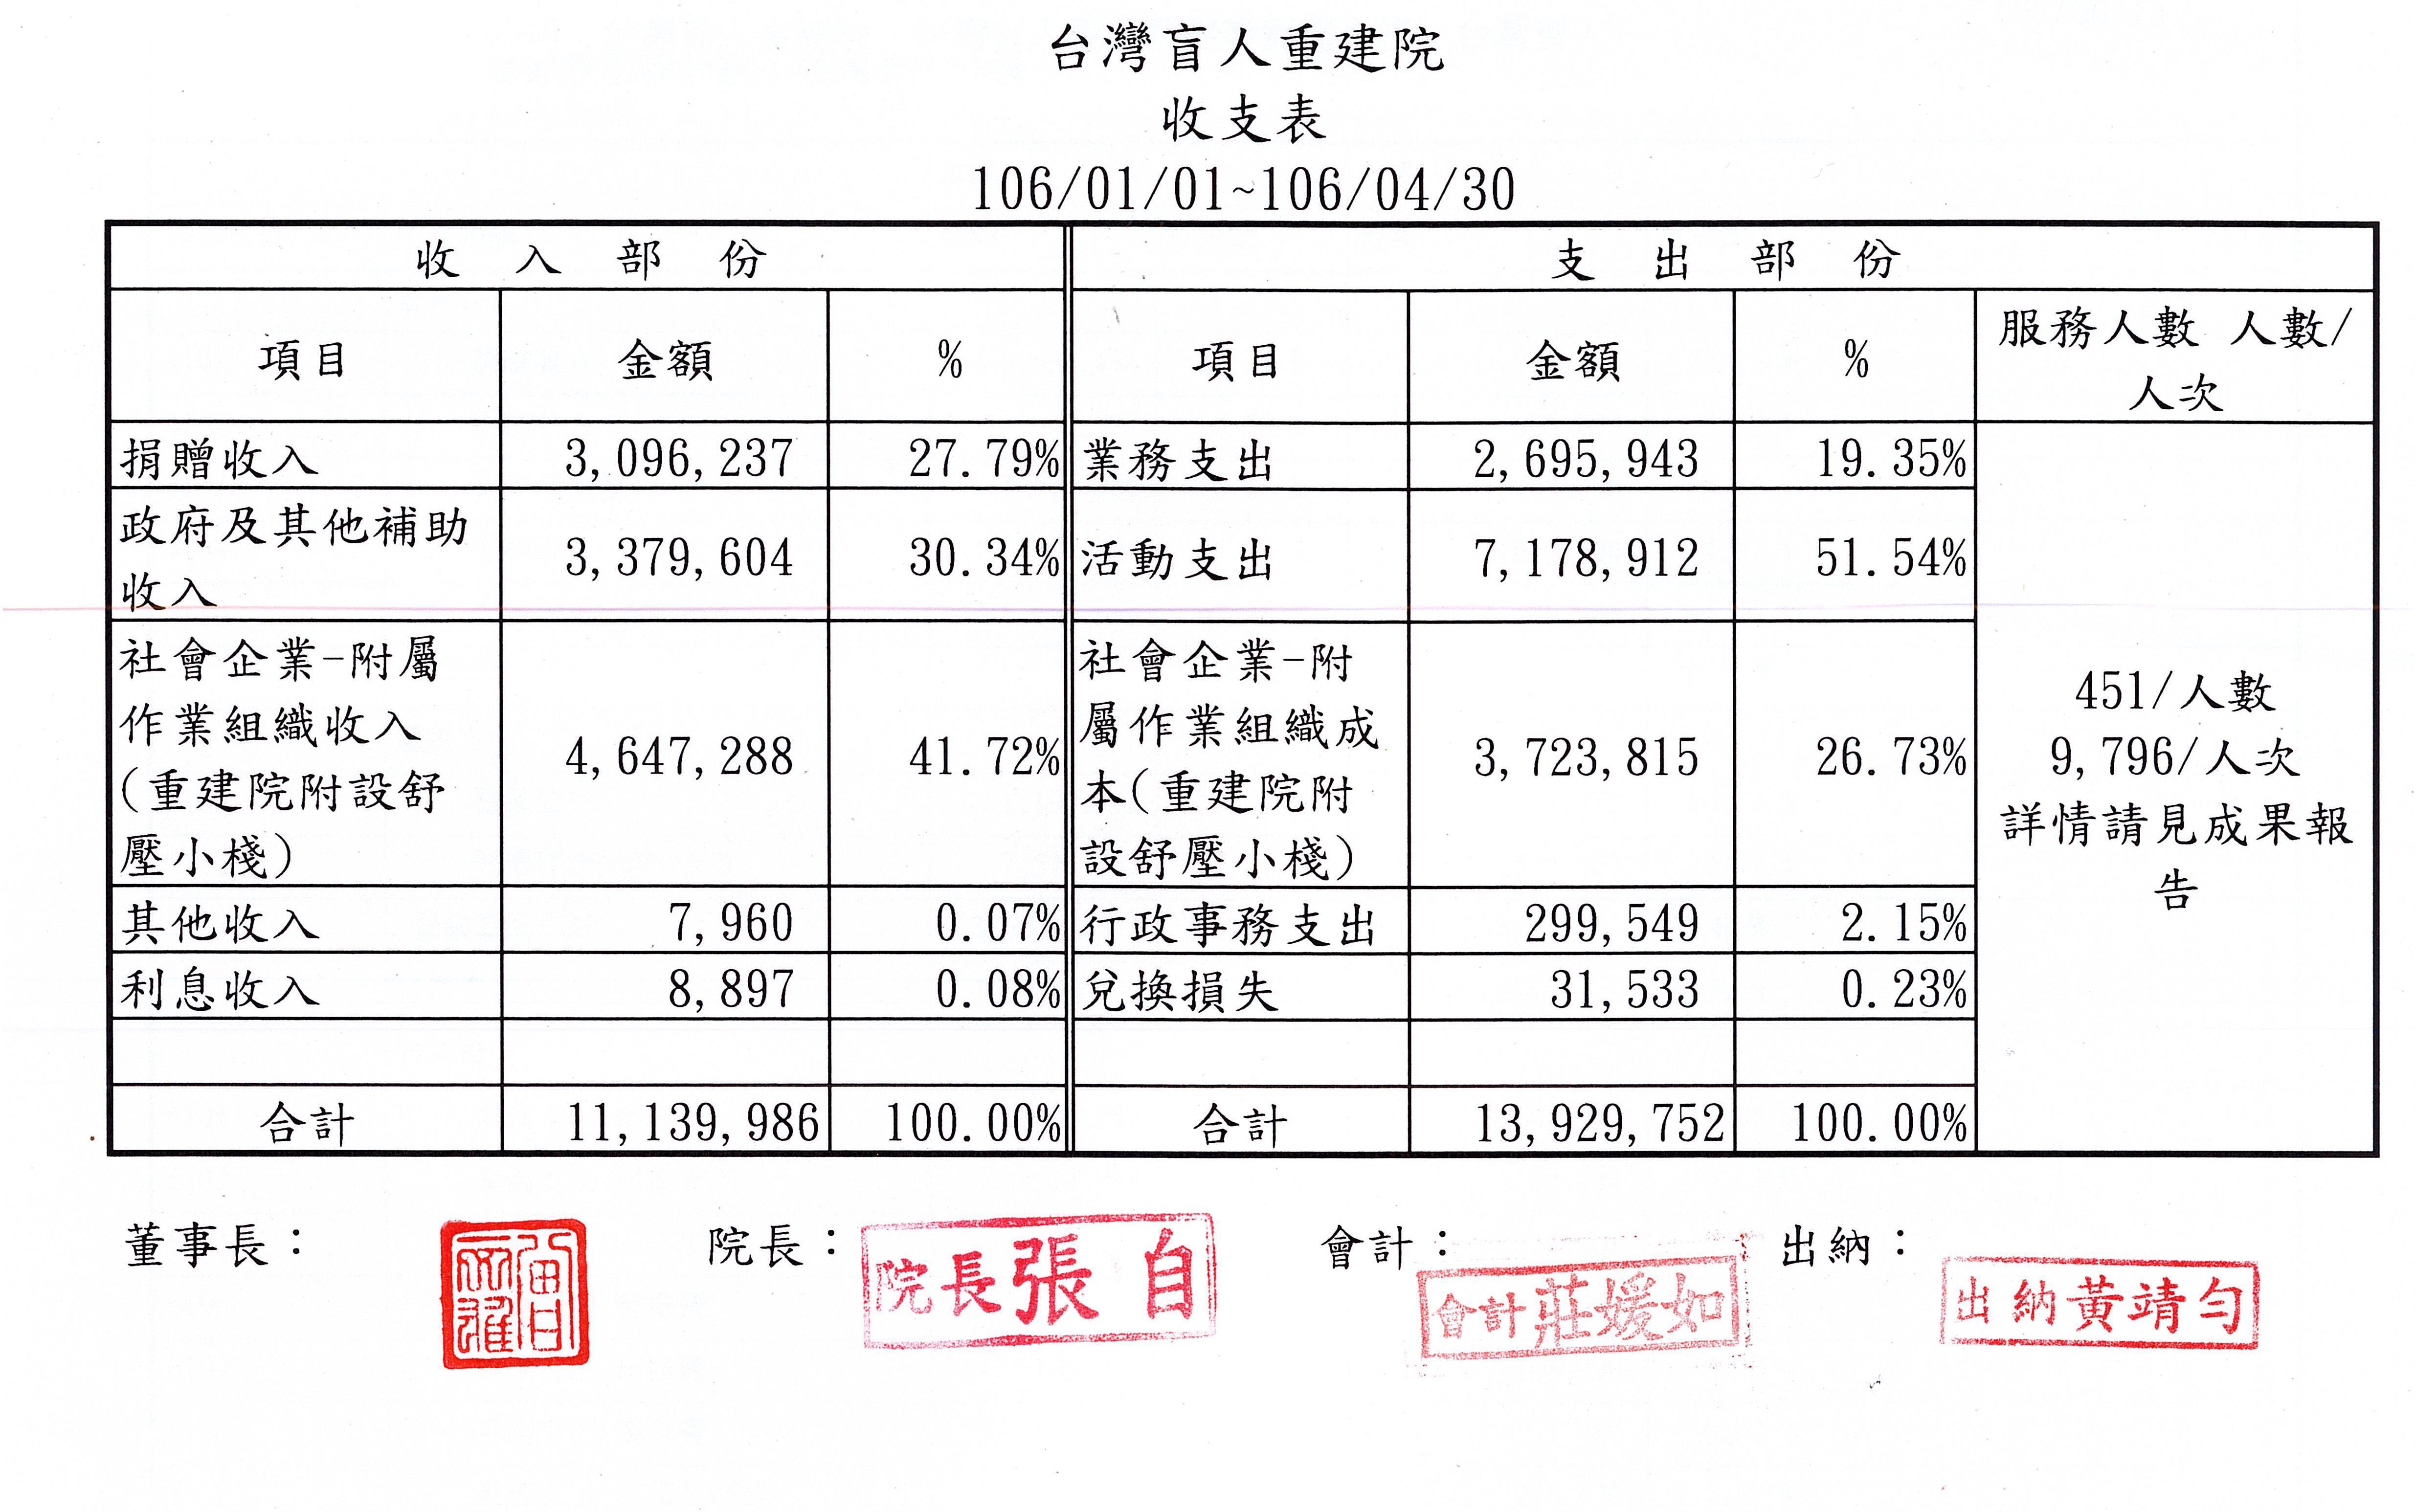 2017年04月收支表